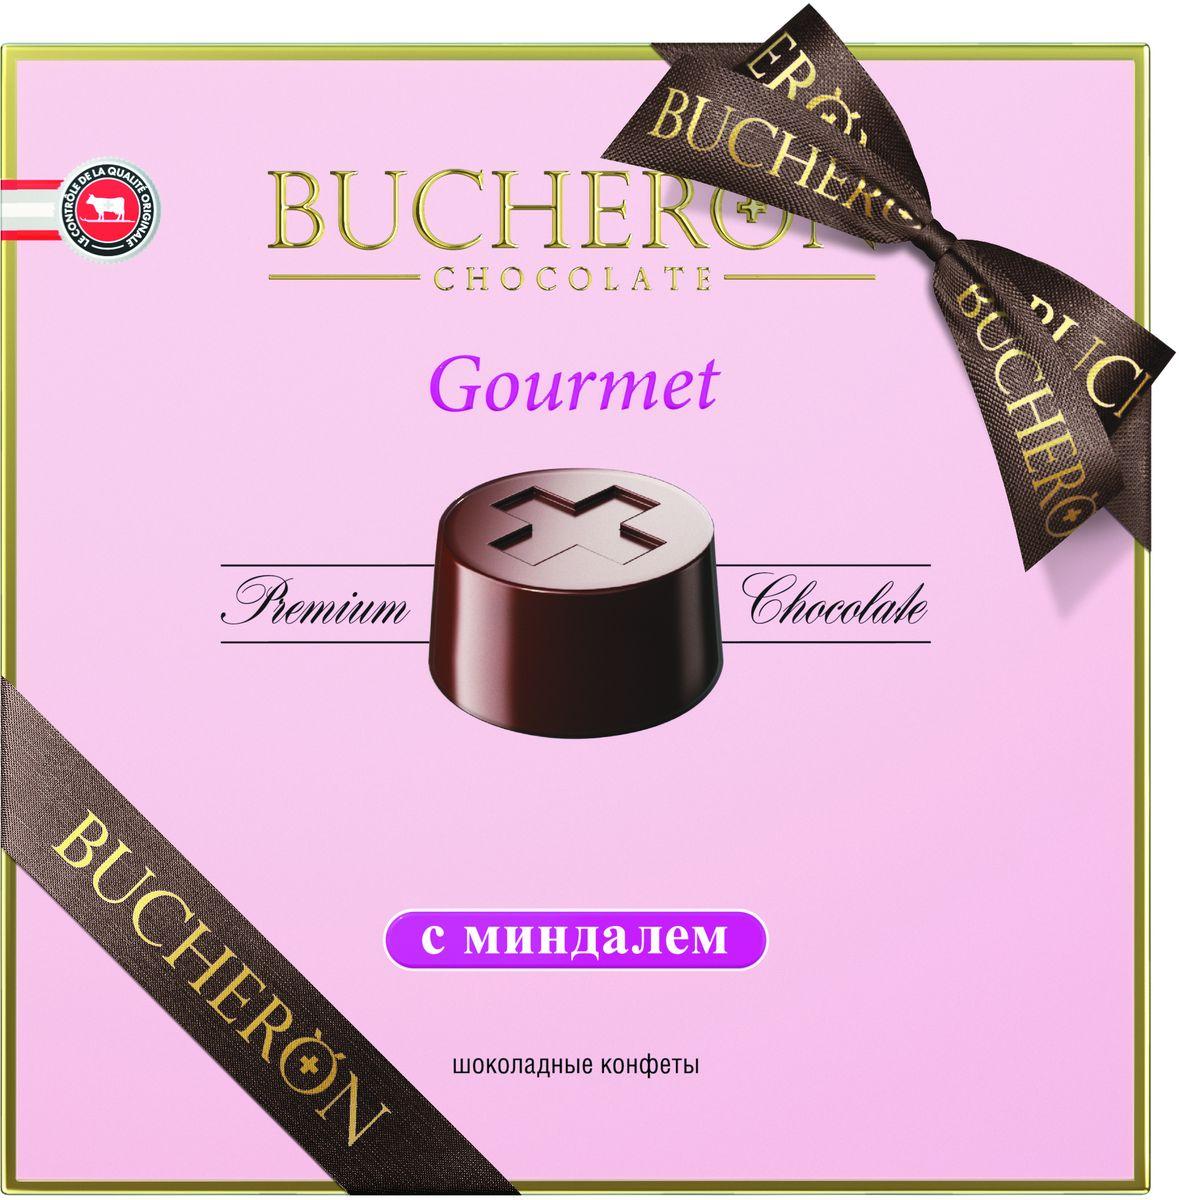 Bucheron Gourmet конфеты с миндалем, 180 г sweet doctor конфеты от серых будней 50 гр